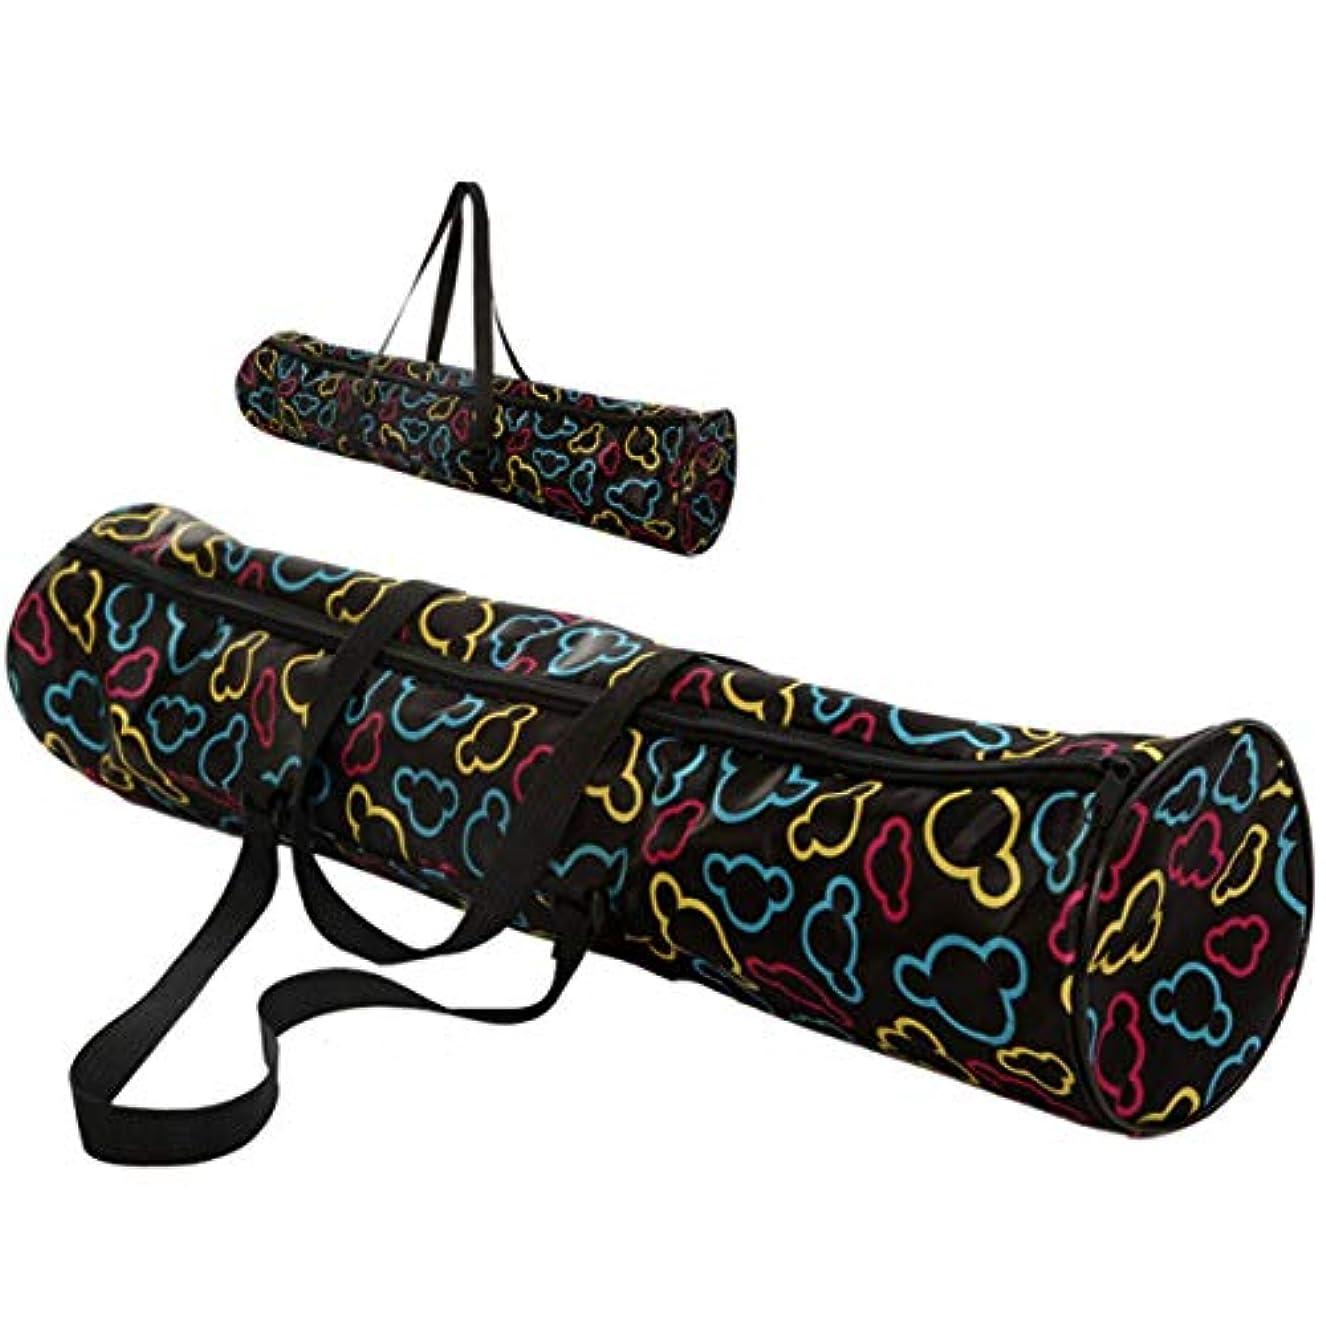 ホイスト気質ブロンズIntercorey多機能防水ヨガマットキャリーバックパックアウトドアスポーツバッグポーチファッションヨガバッグ